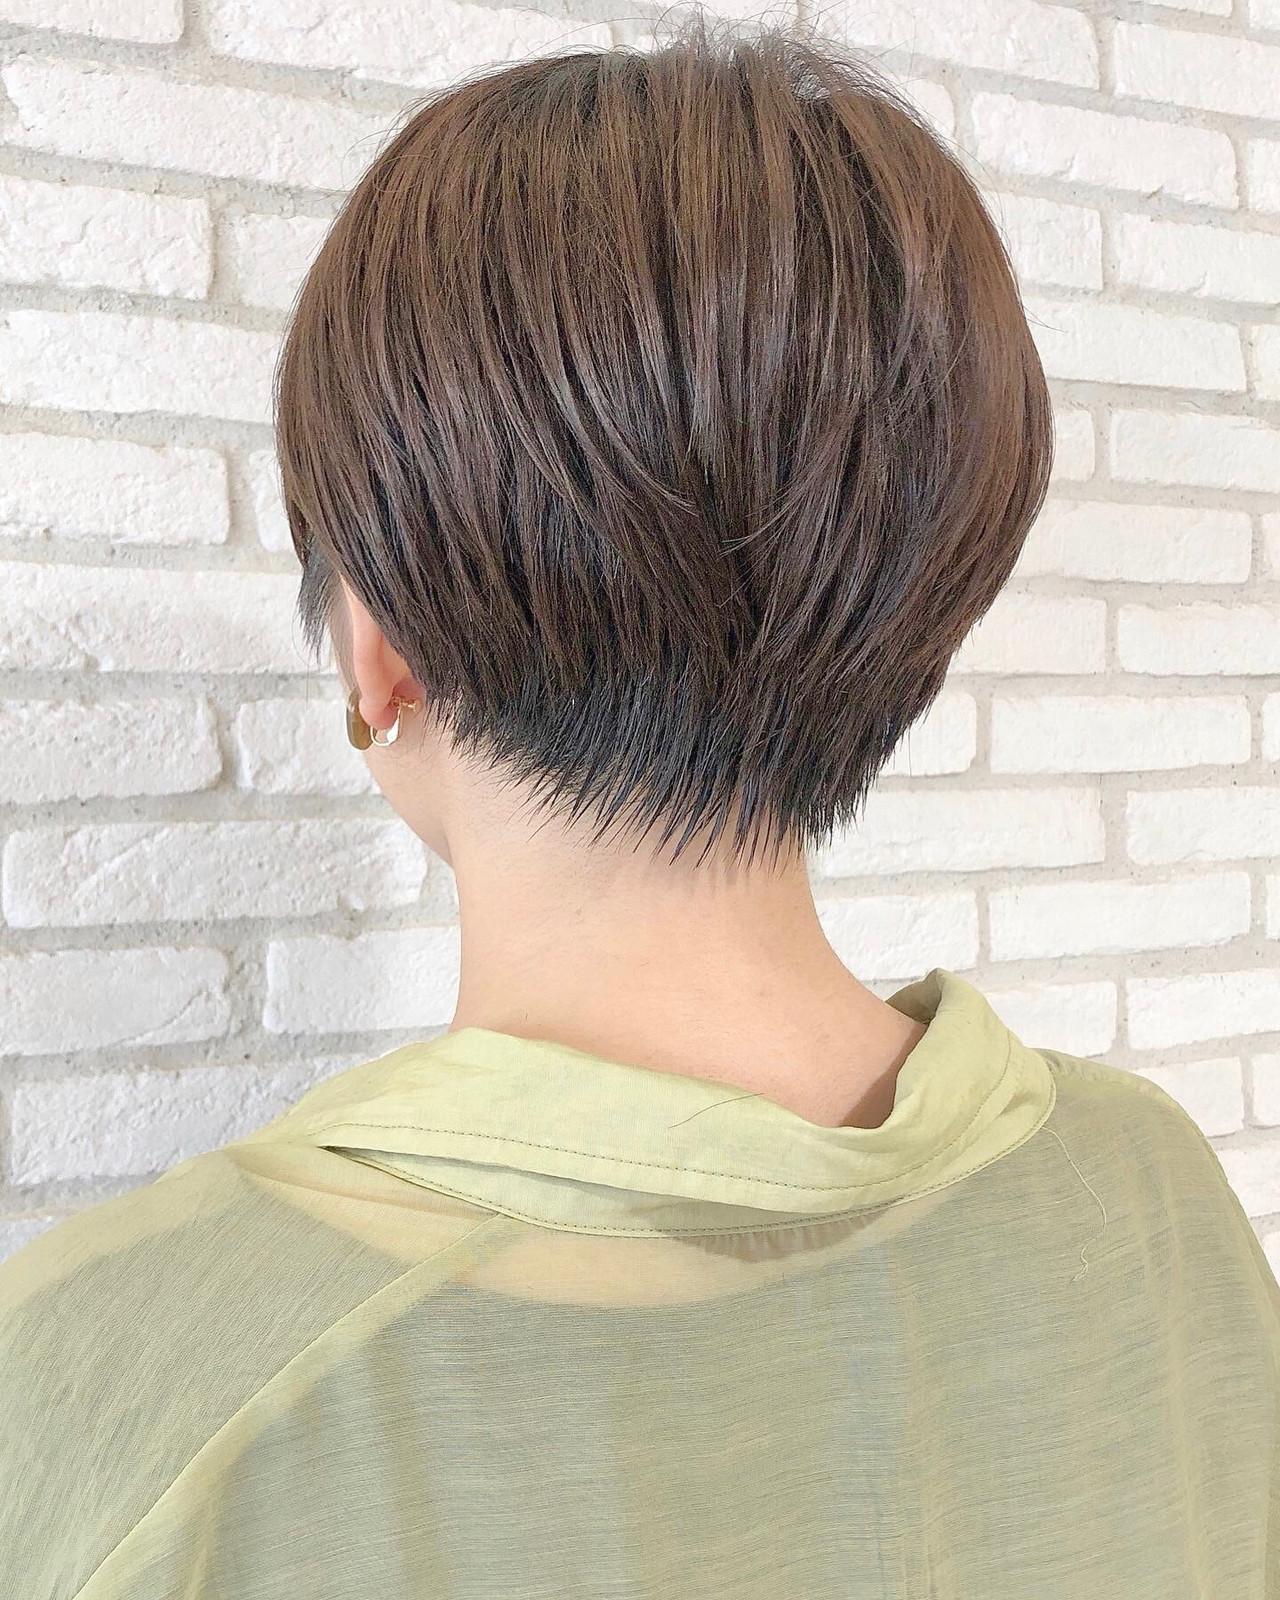 ベリーショート ナチュラル ショートヘア ショート ヘアスタイルや髪型の写真・画像 | 本田結(ほんだゆい)dydi表参道 / dydi表参道